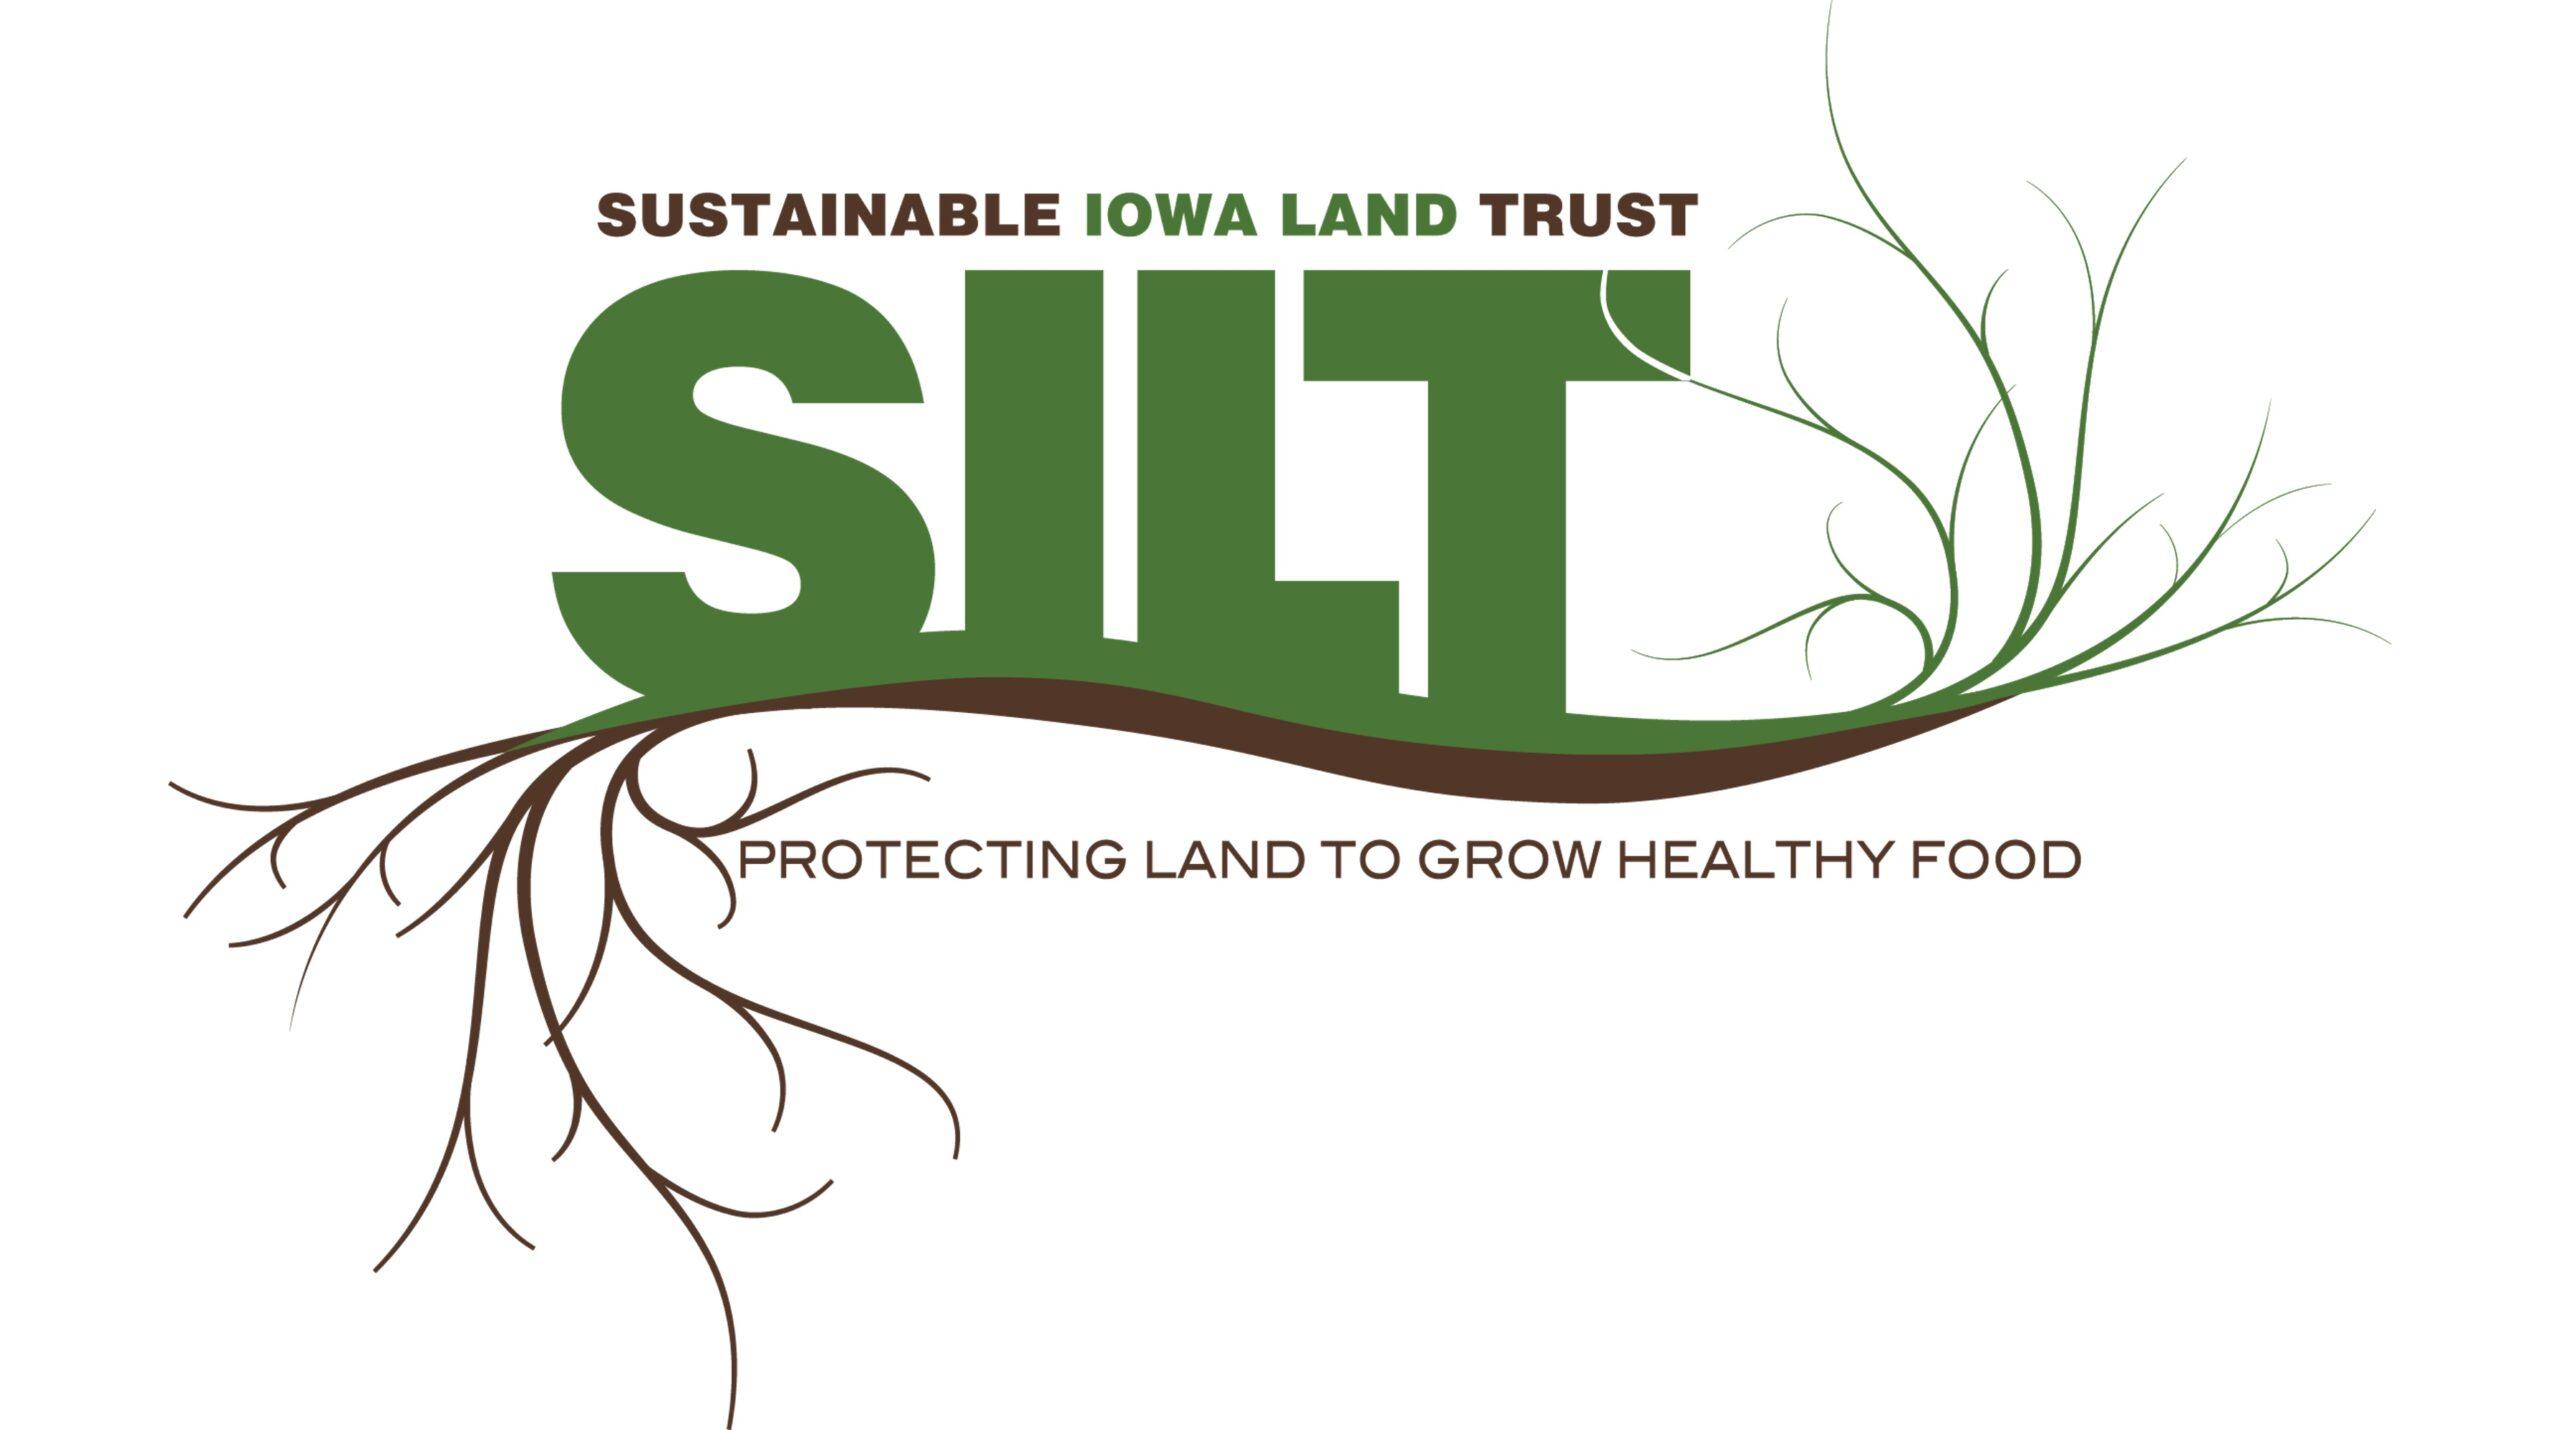 Sustainable Iowa Land Trust